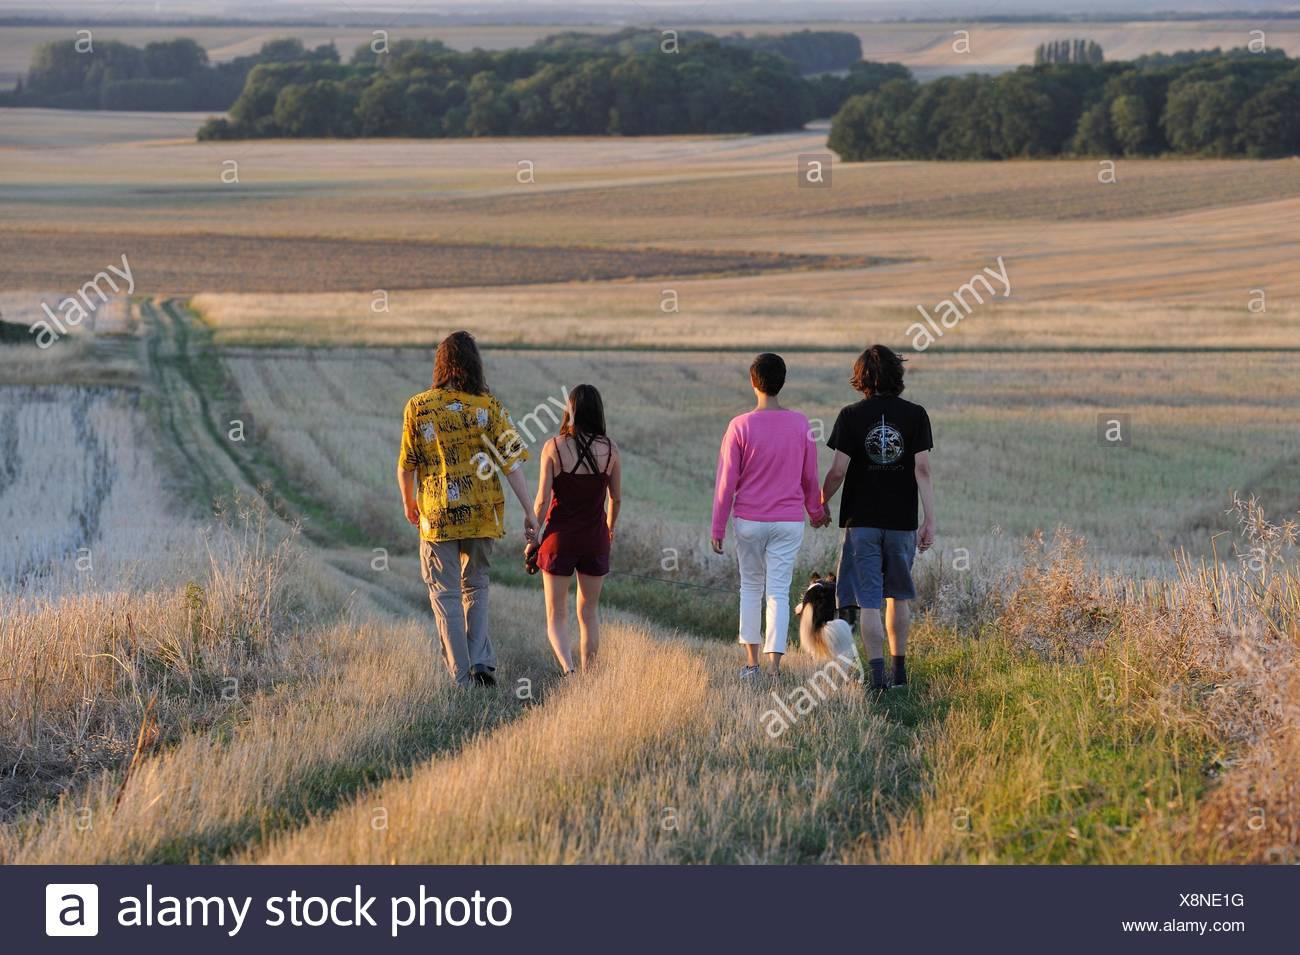 Junge Menschen wandern um Mittainville, Departement Yvelines, Region Ile-de-France, Frankreich, Europa. Stockbild